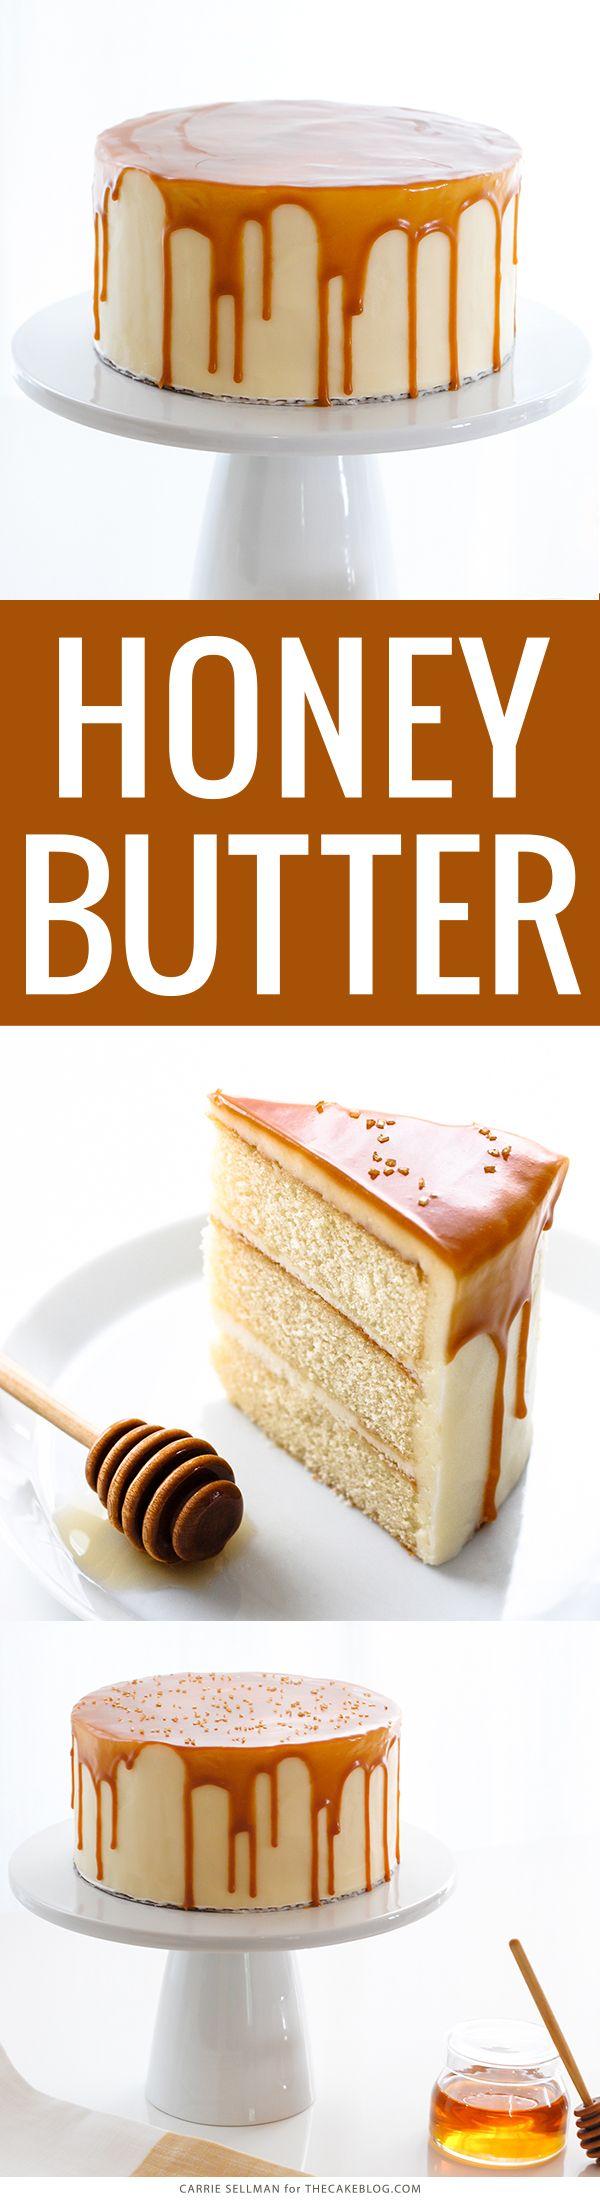 Beurre de miel Cake | gâteau de miel avec de la crème de miel glaçage au fromage surmonté d'un glaçage au caramel de miel | par Carrie Sellman pour TheCakeBlog.com